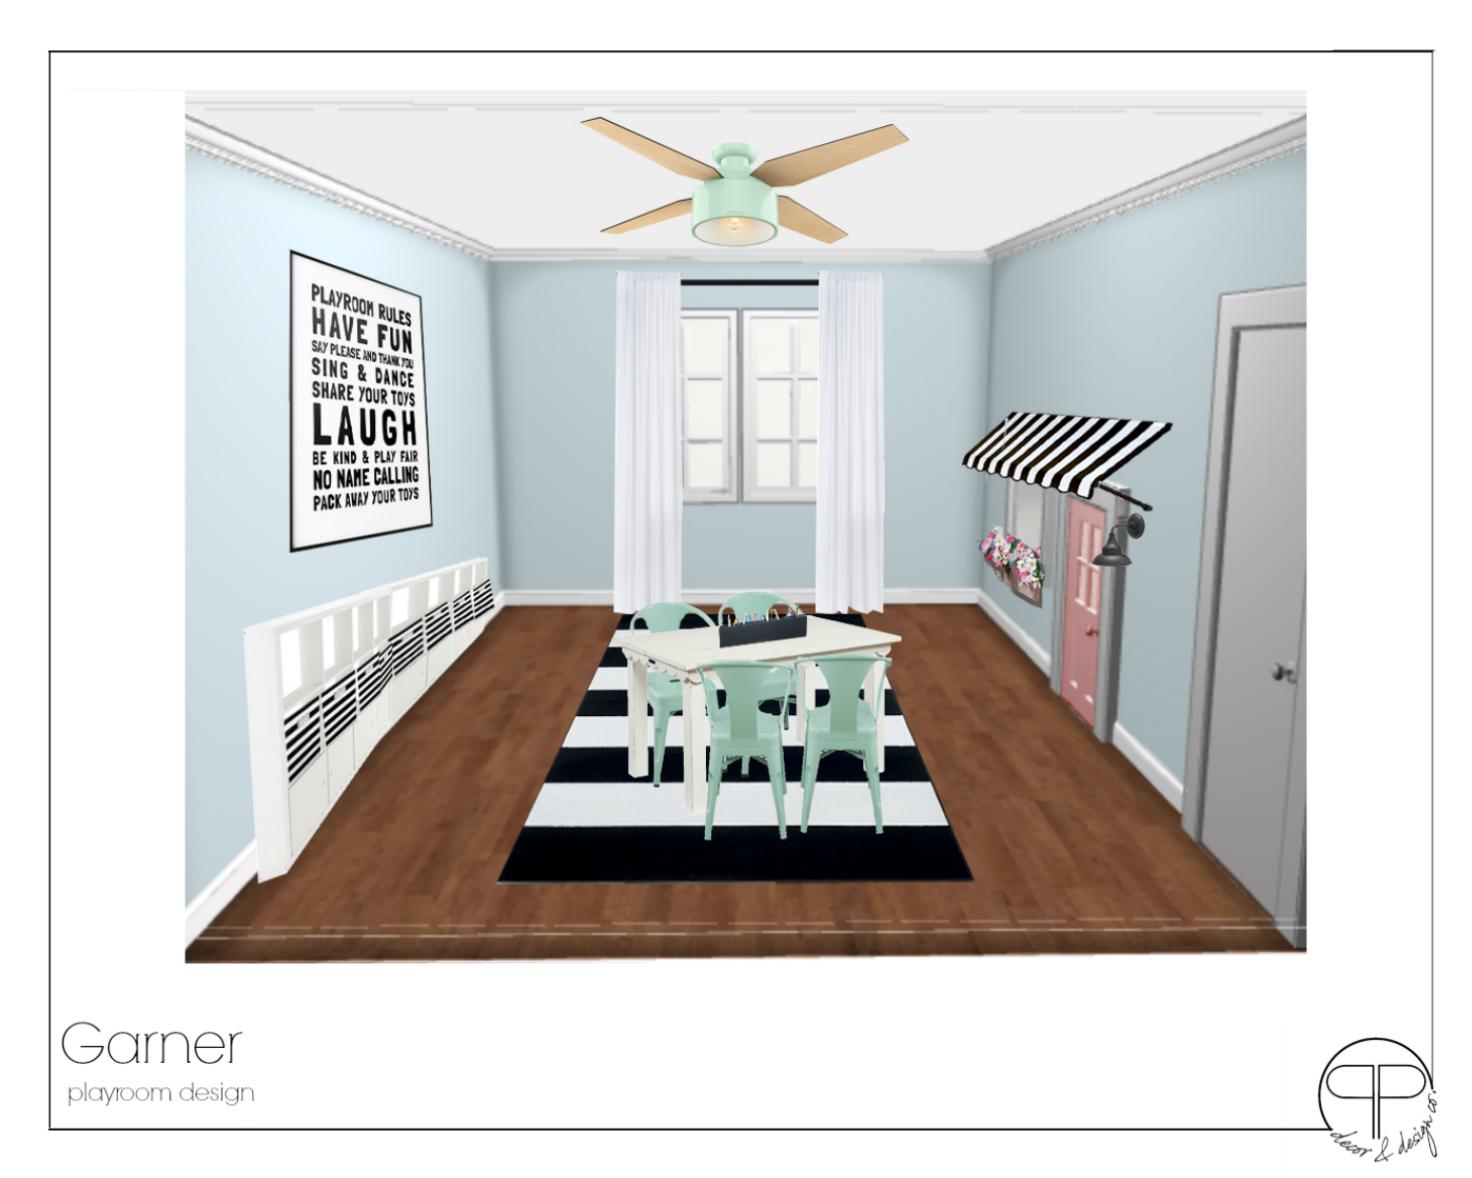 Garner_Playroom_Design_Revised.png